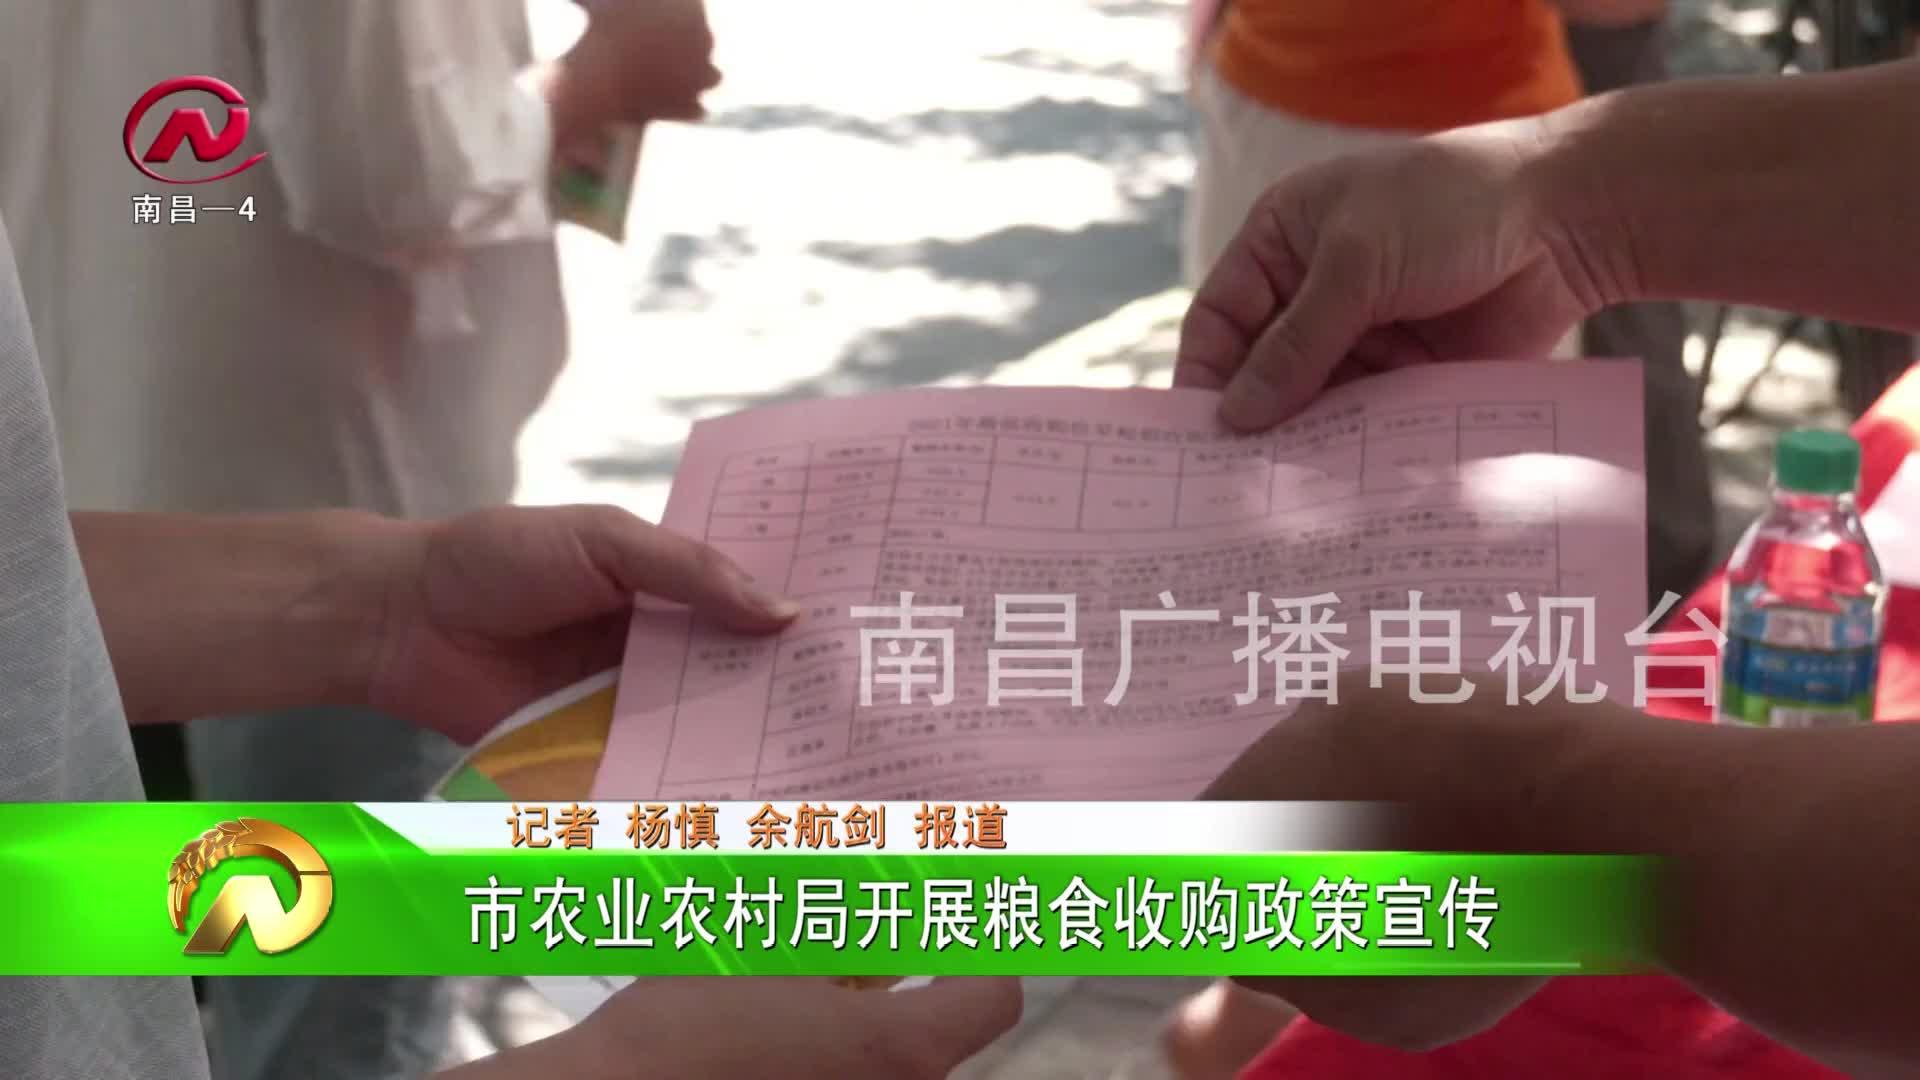 【豫章农视】市农业农村局开展粮食收购政策宣传